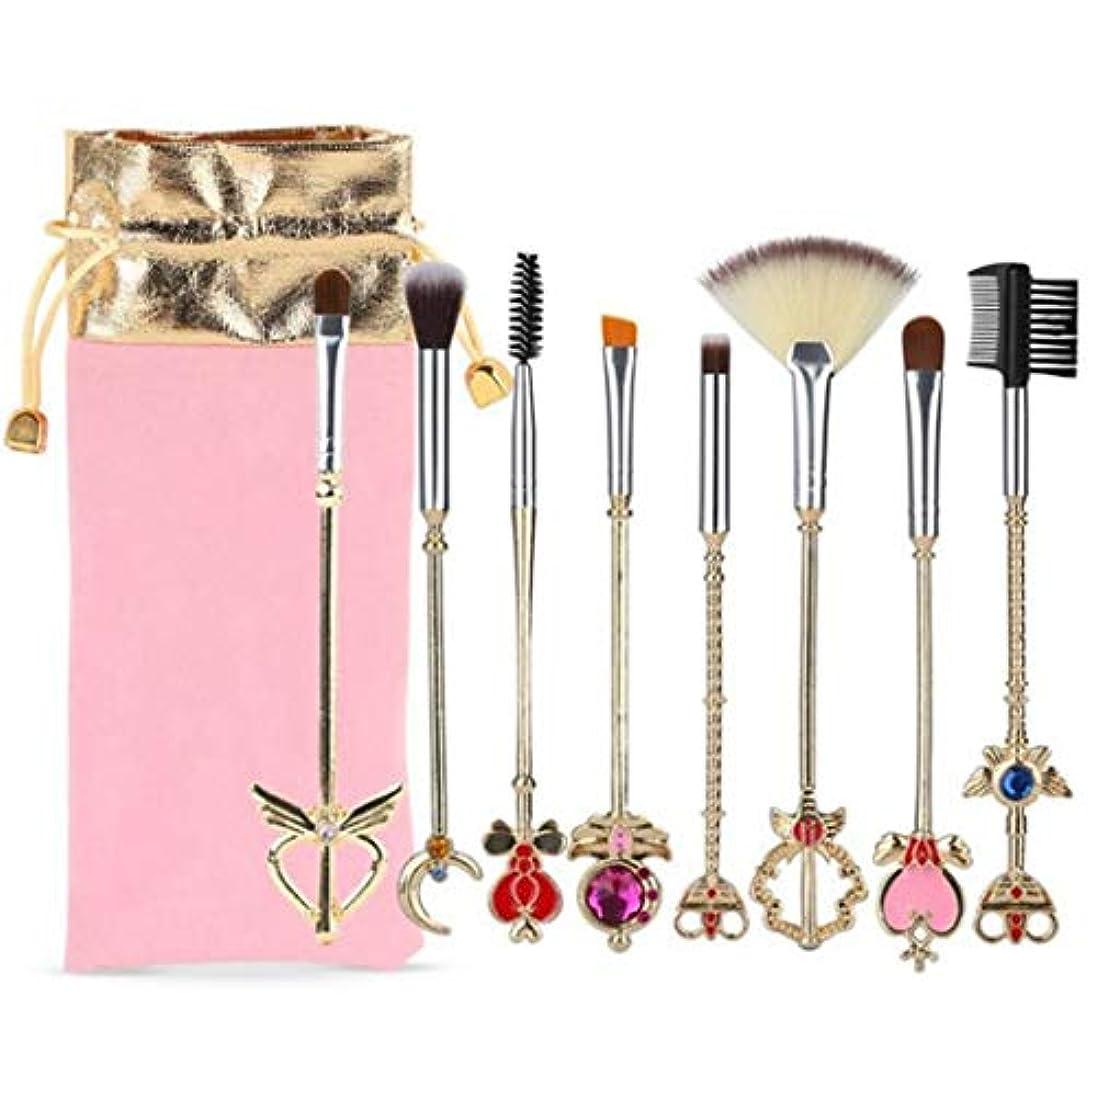 タンクボルト機関OU-Kunmlef 信頼できる8 PCセーラームーン化粧ブラシは、ポーチ、魔法の女の子ゴールドcardcaptor桜の化粧品ブラシとセットをドローストリングバッグ